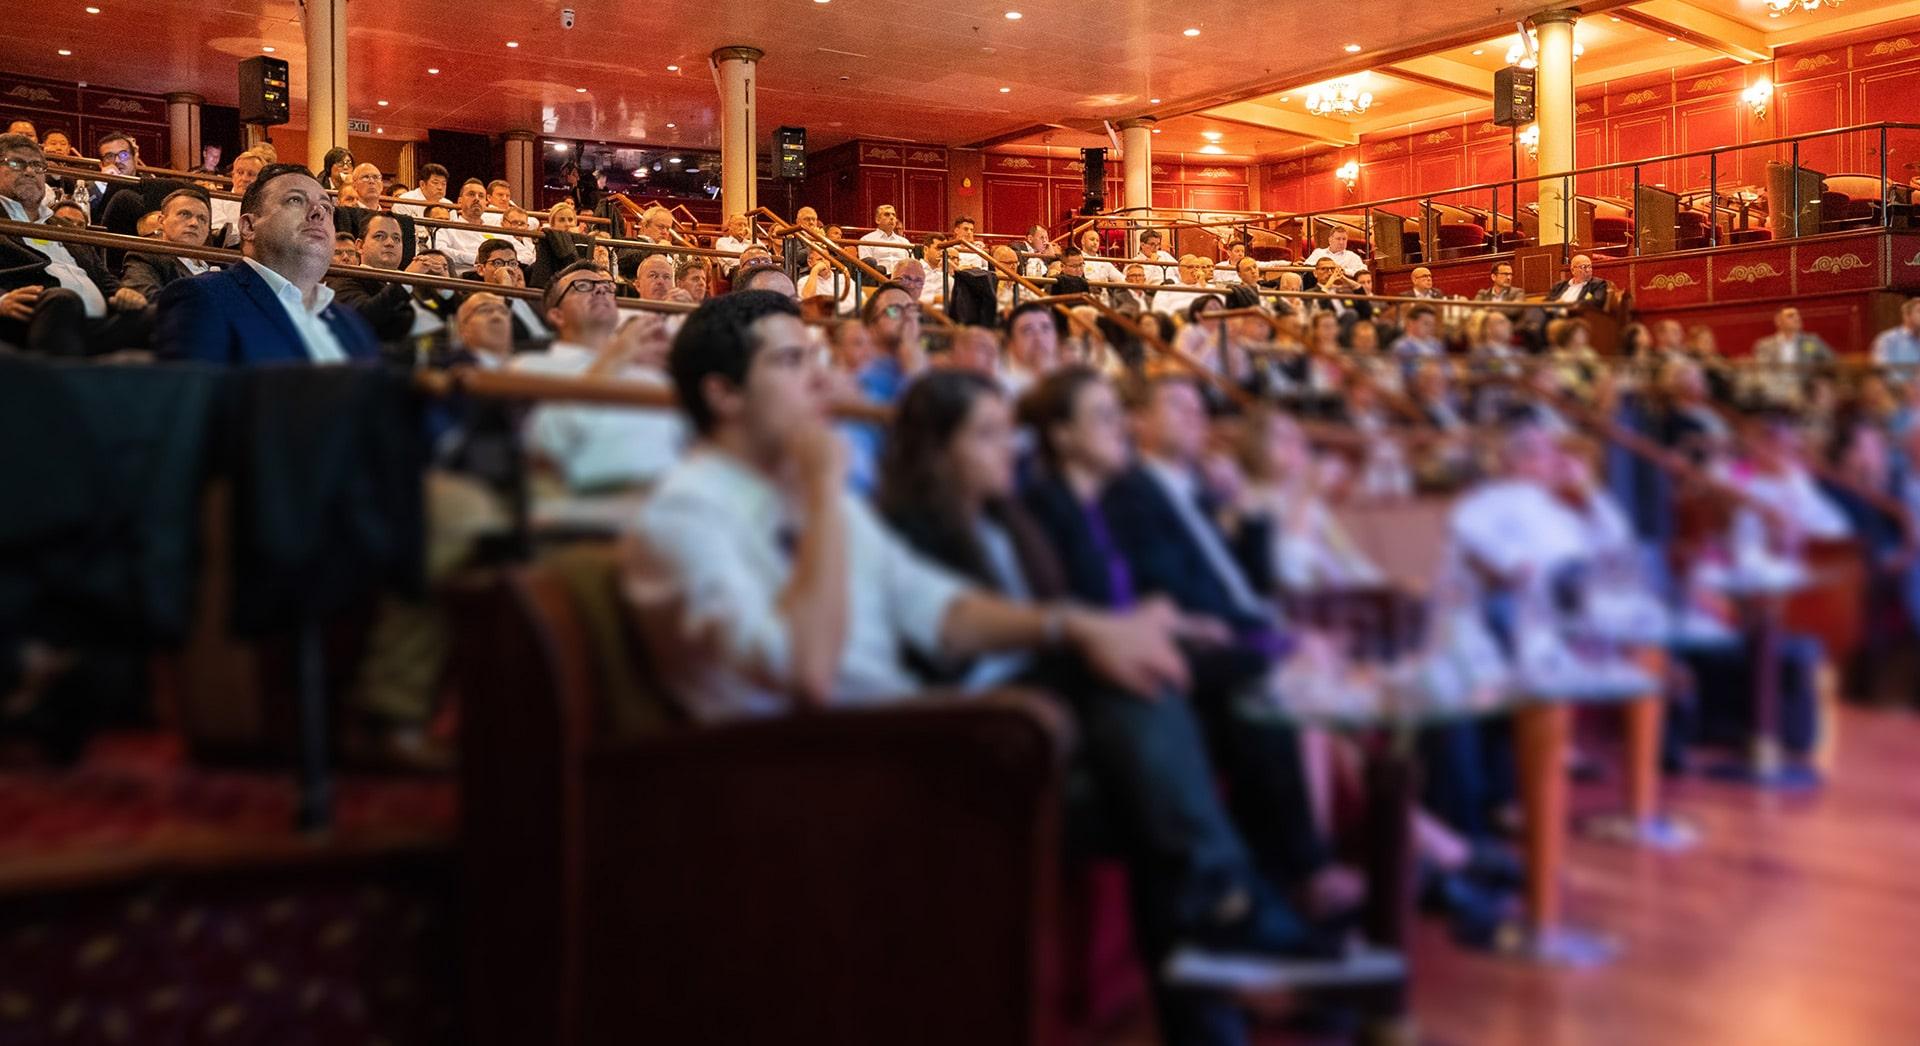 Konferenz auf Kreuzfahrtschiff